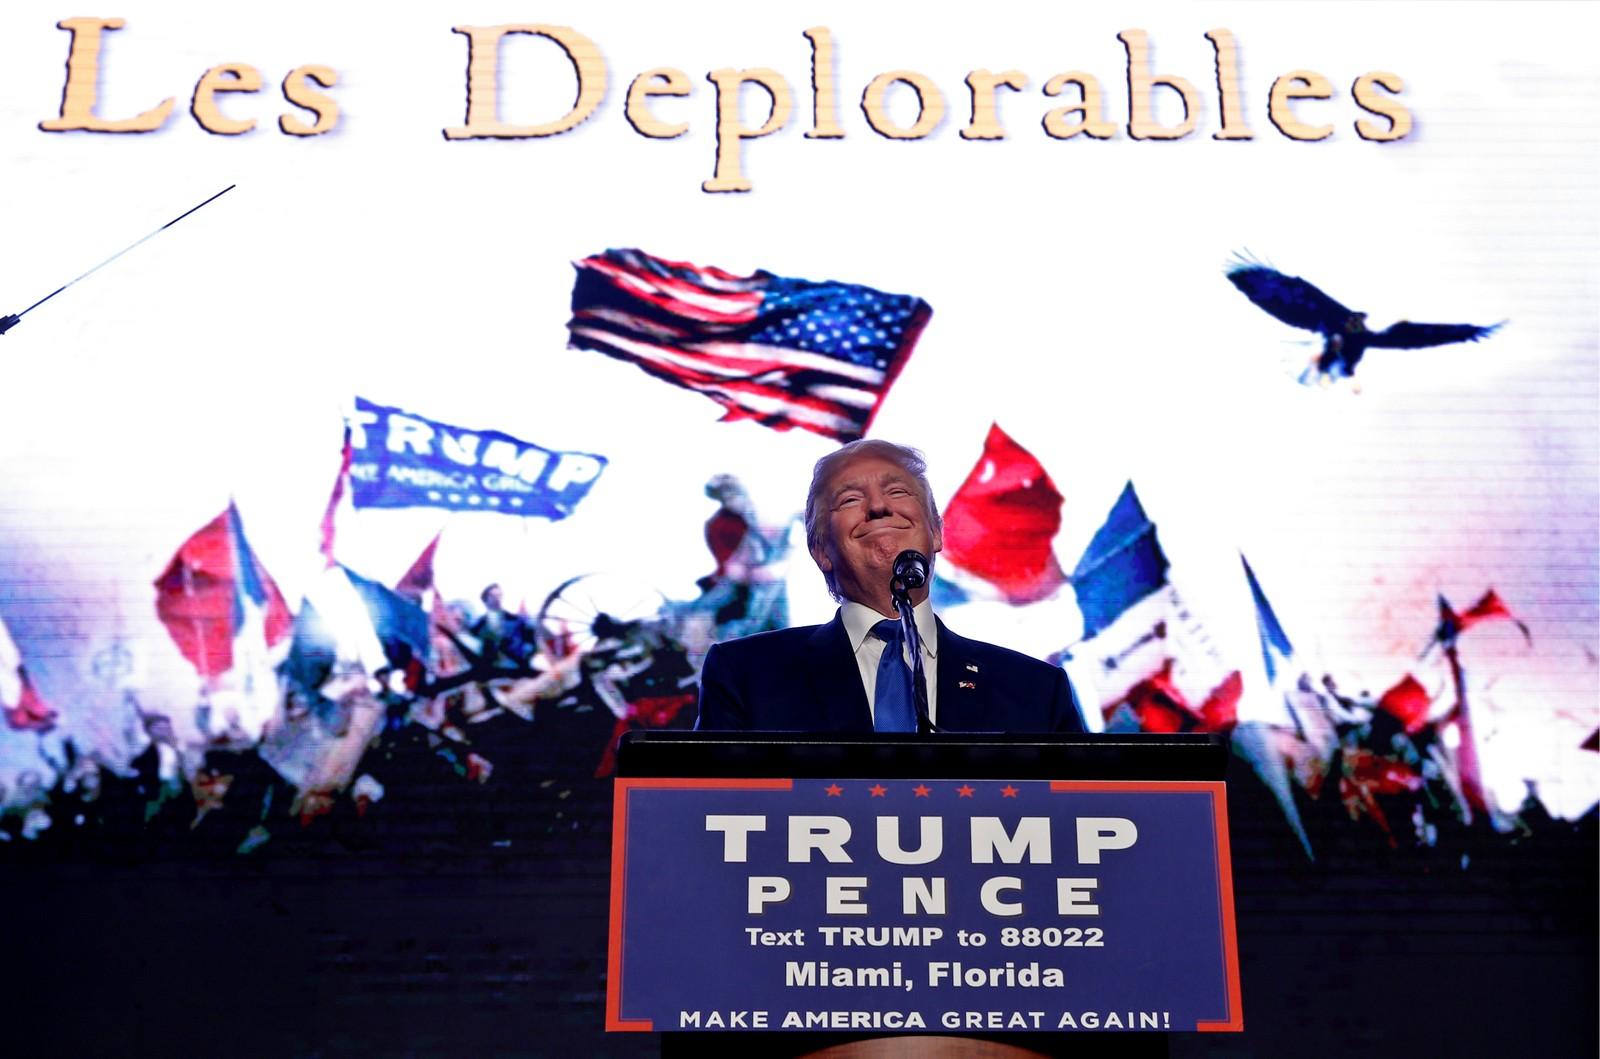 USAs republikanske presidentkandidat Donald Trump på talerstolen under et valgkamparrangement i Miami, Florida 16. september. Bildet på storskjermen i bakgrunnen er et omgjort bilde fra den kjente musikalen Les Miserables, et svar etter at Hillary Clinton kalte halvparten av Trumps velgere «elendige».